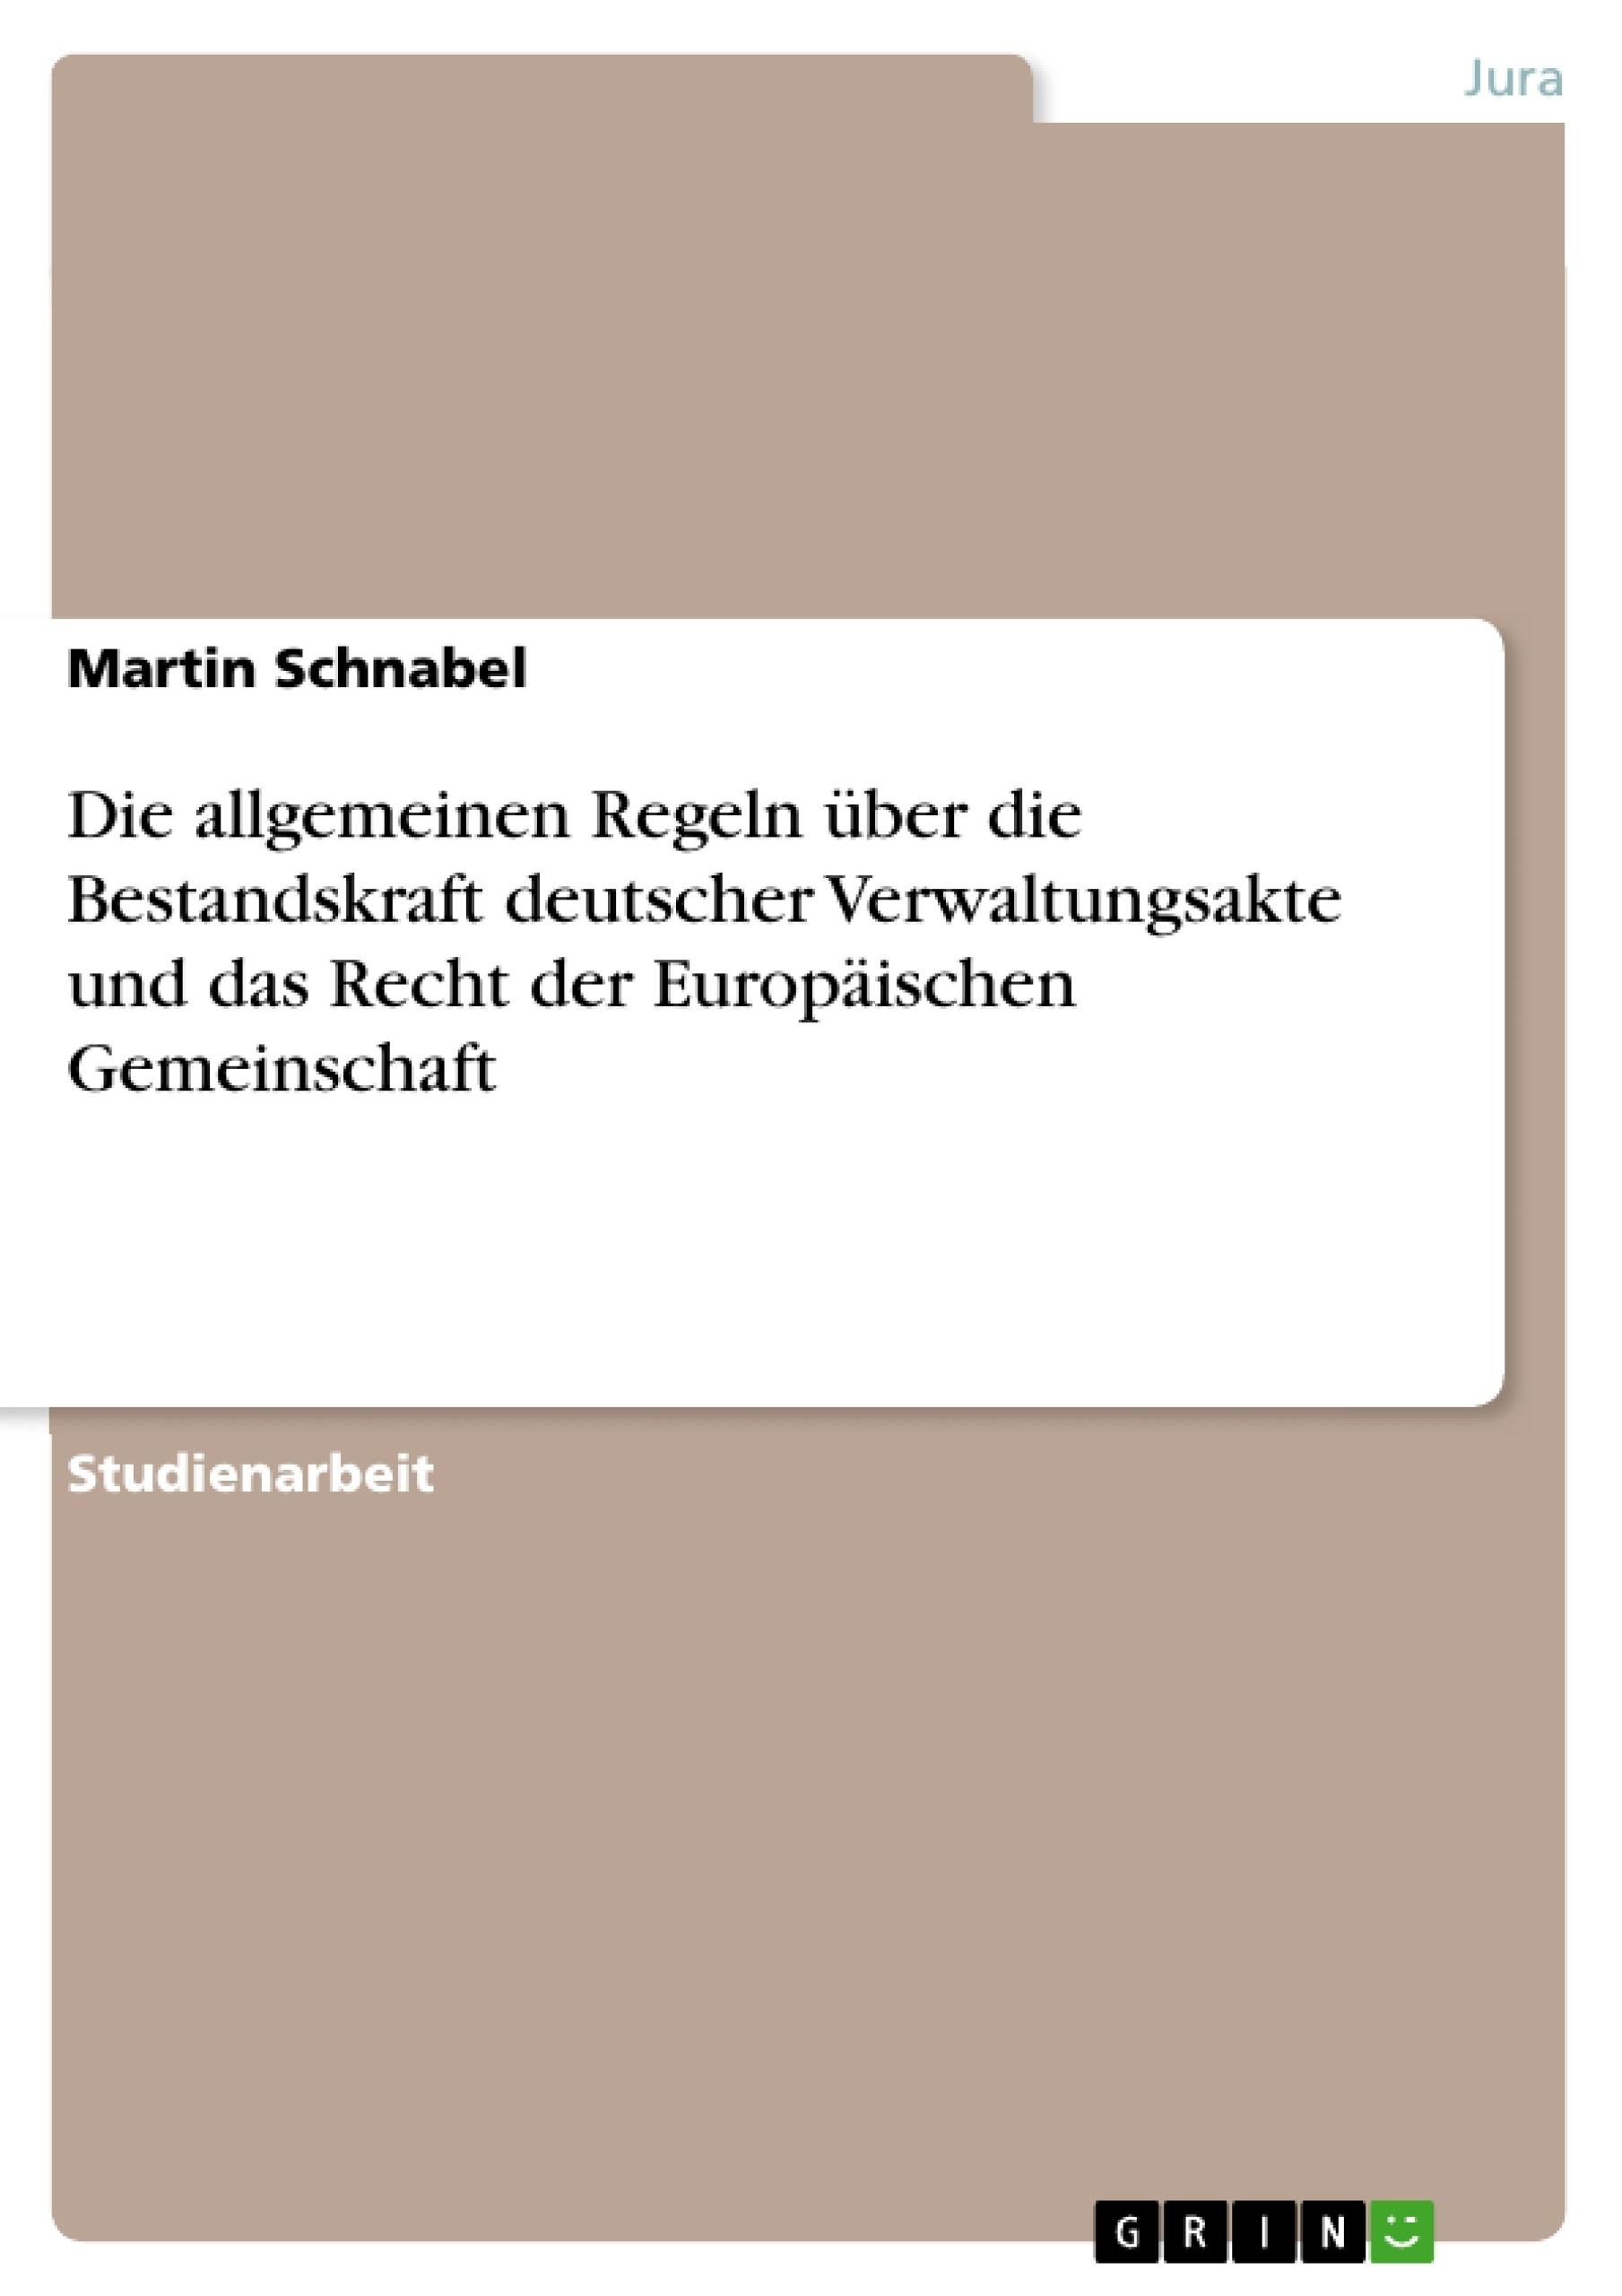 Titel: Die allgemeinen Regeln über die Bestandskraft deutscher Verwaltungsakte und das Recht der Europäischen Gemeinschaft